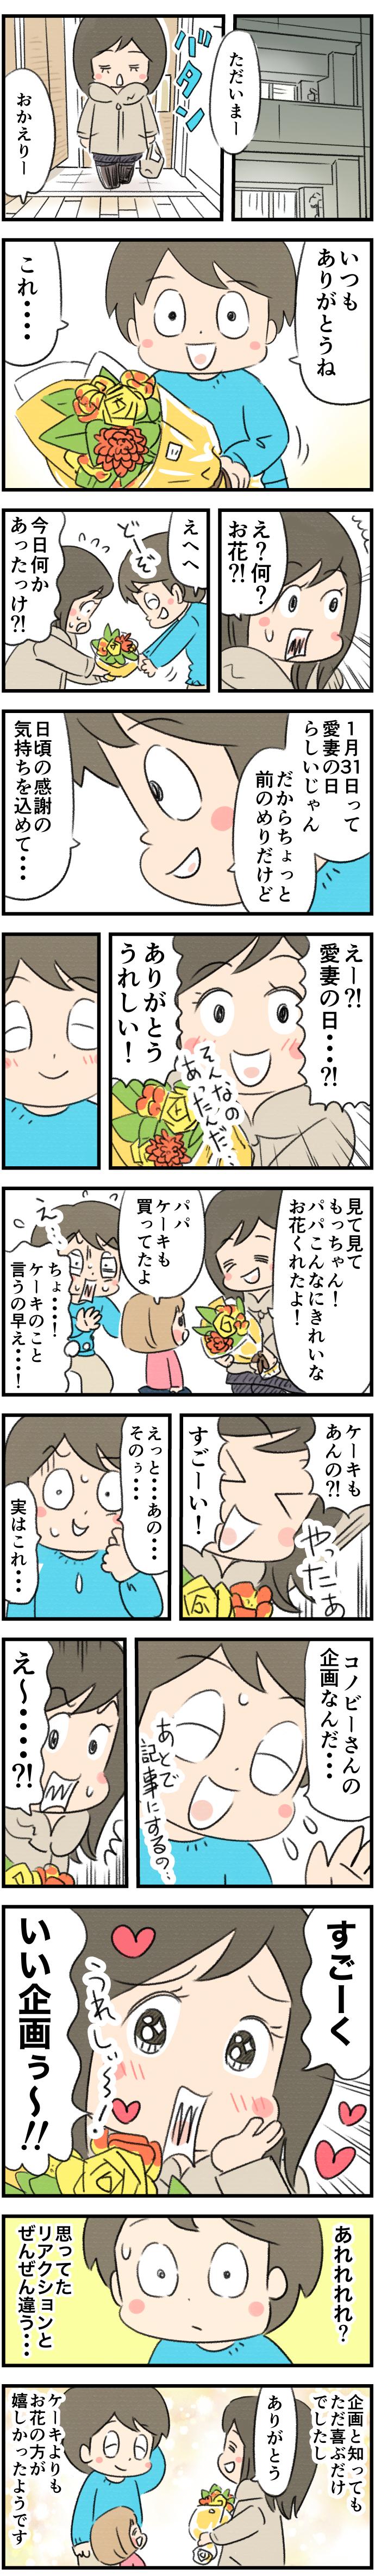 1月31日は愛妻の日。妻に花束を渡した時の反応は?予想と実際をレポート!の画像4